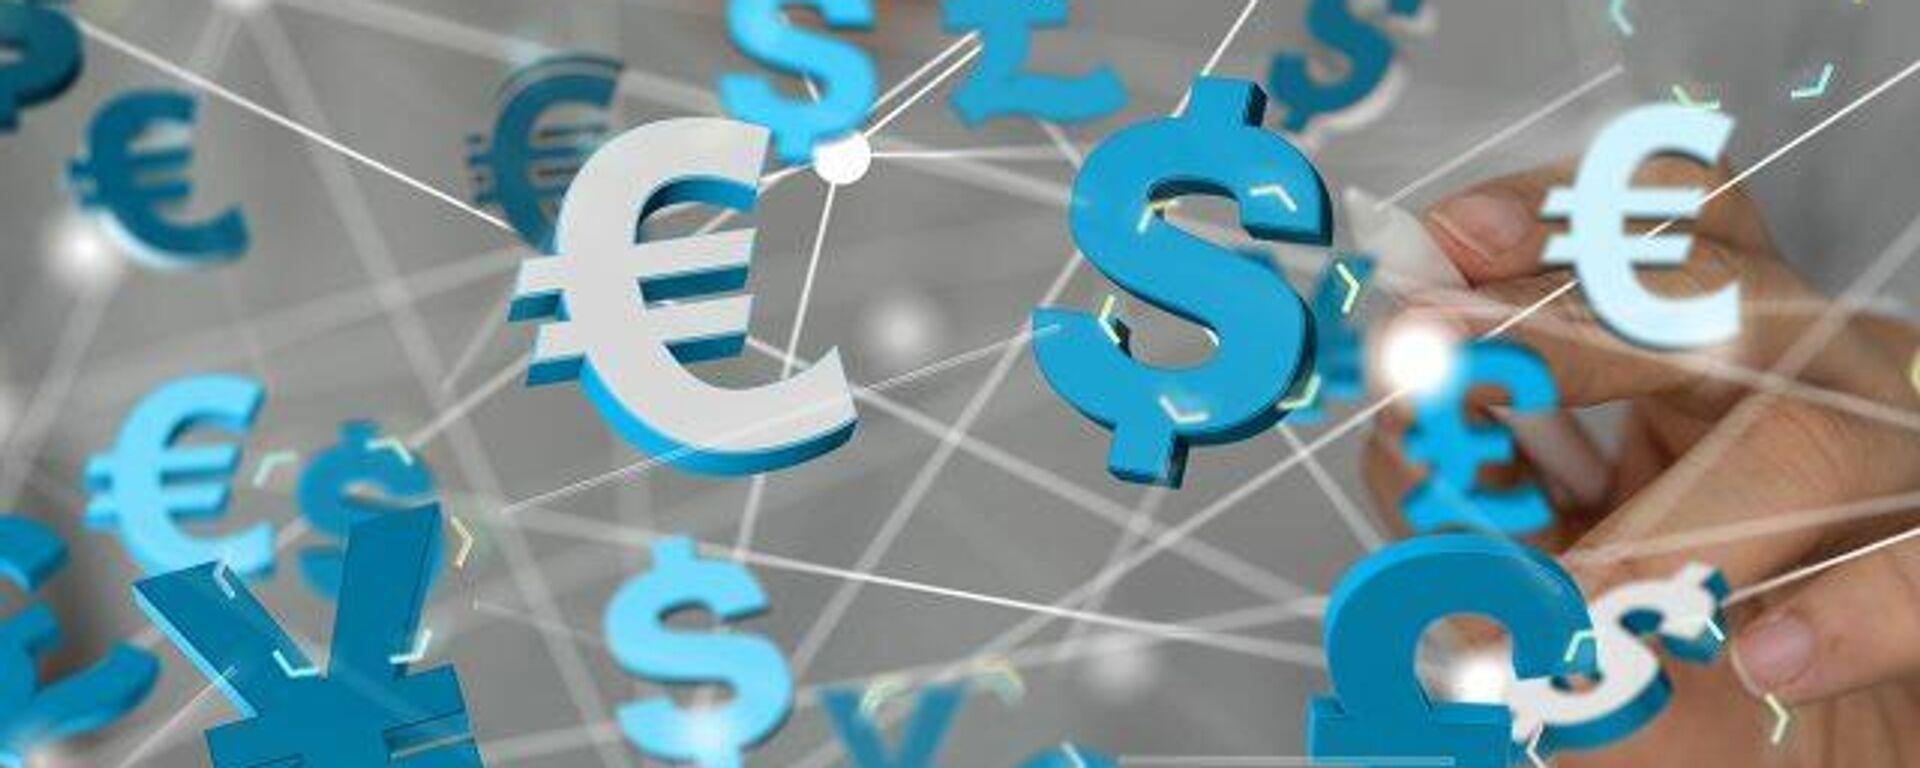 Inflación: el Banco Central Europeo cambió su política tras 18 años de continuidad - Sputnik Mundo, 1920, 12.07.2021